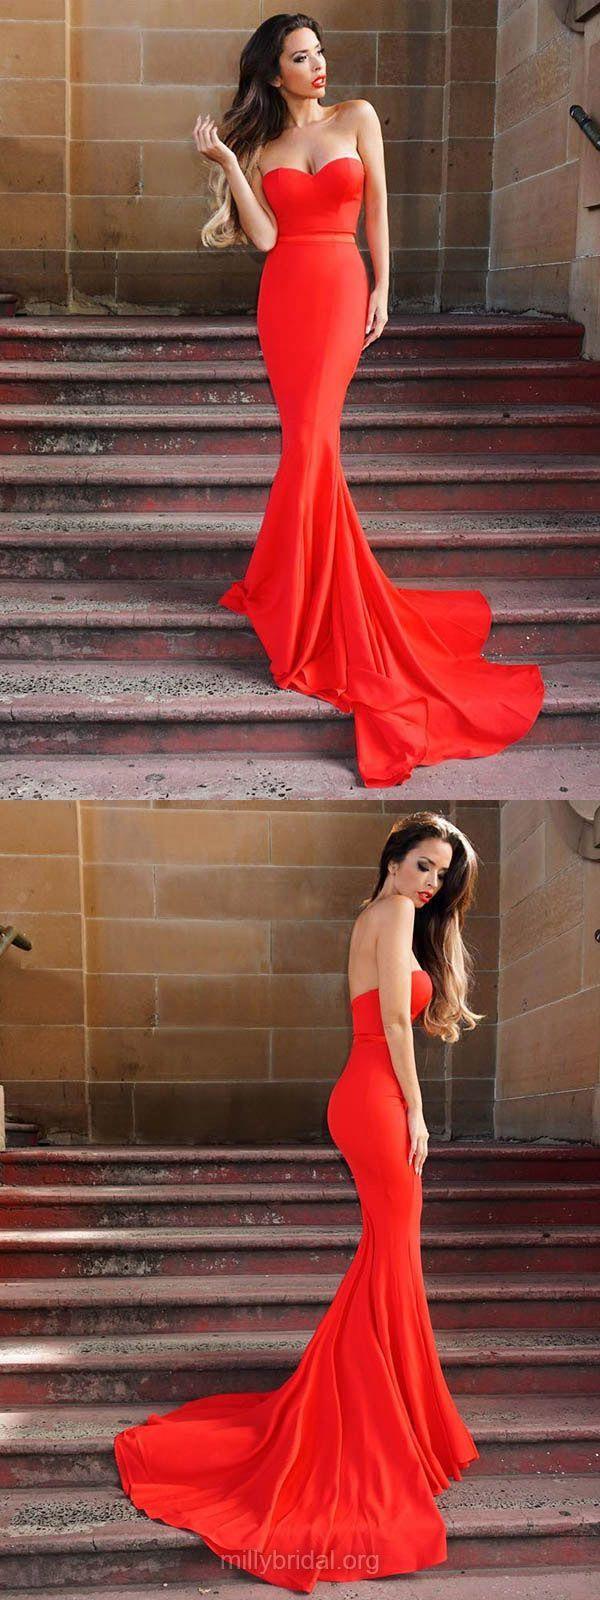 Red prom dresseslong prom dresses prom dresses for teens